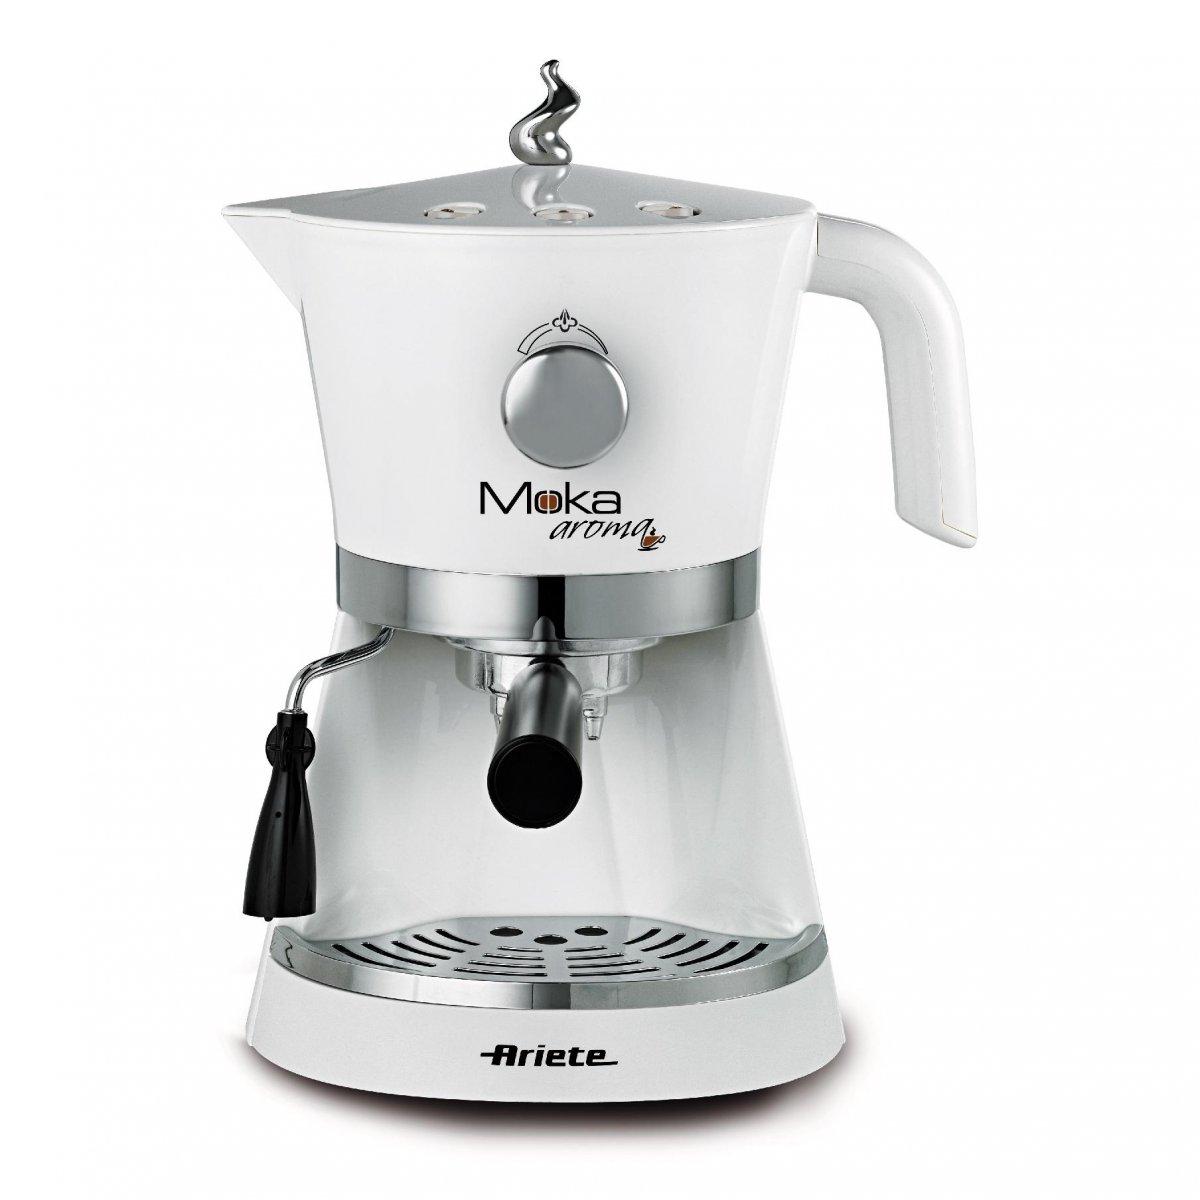 Ariete moka aroma espresso bianca ariete for Ariete elettrodomestici